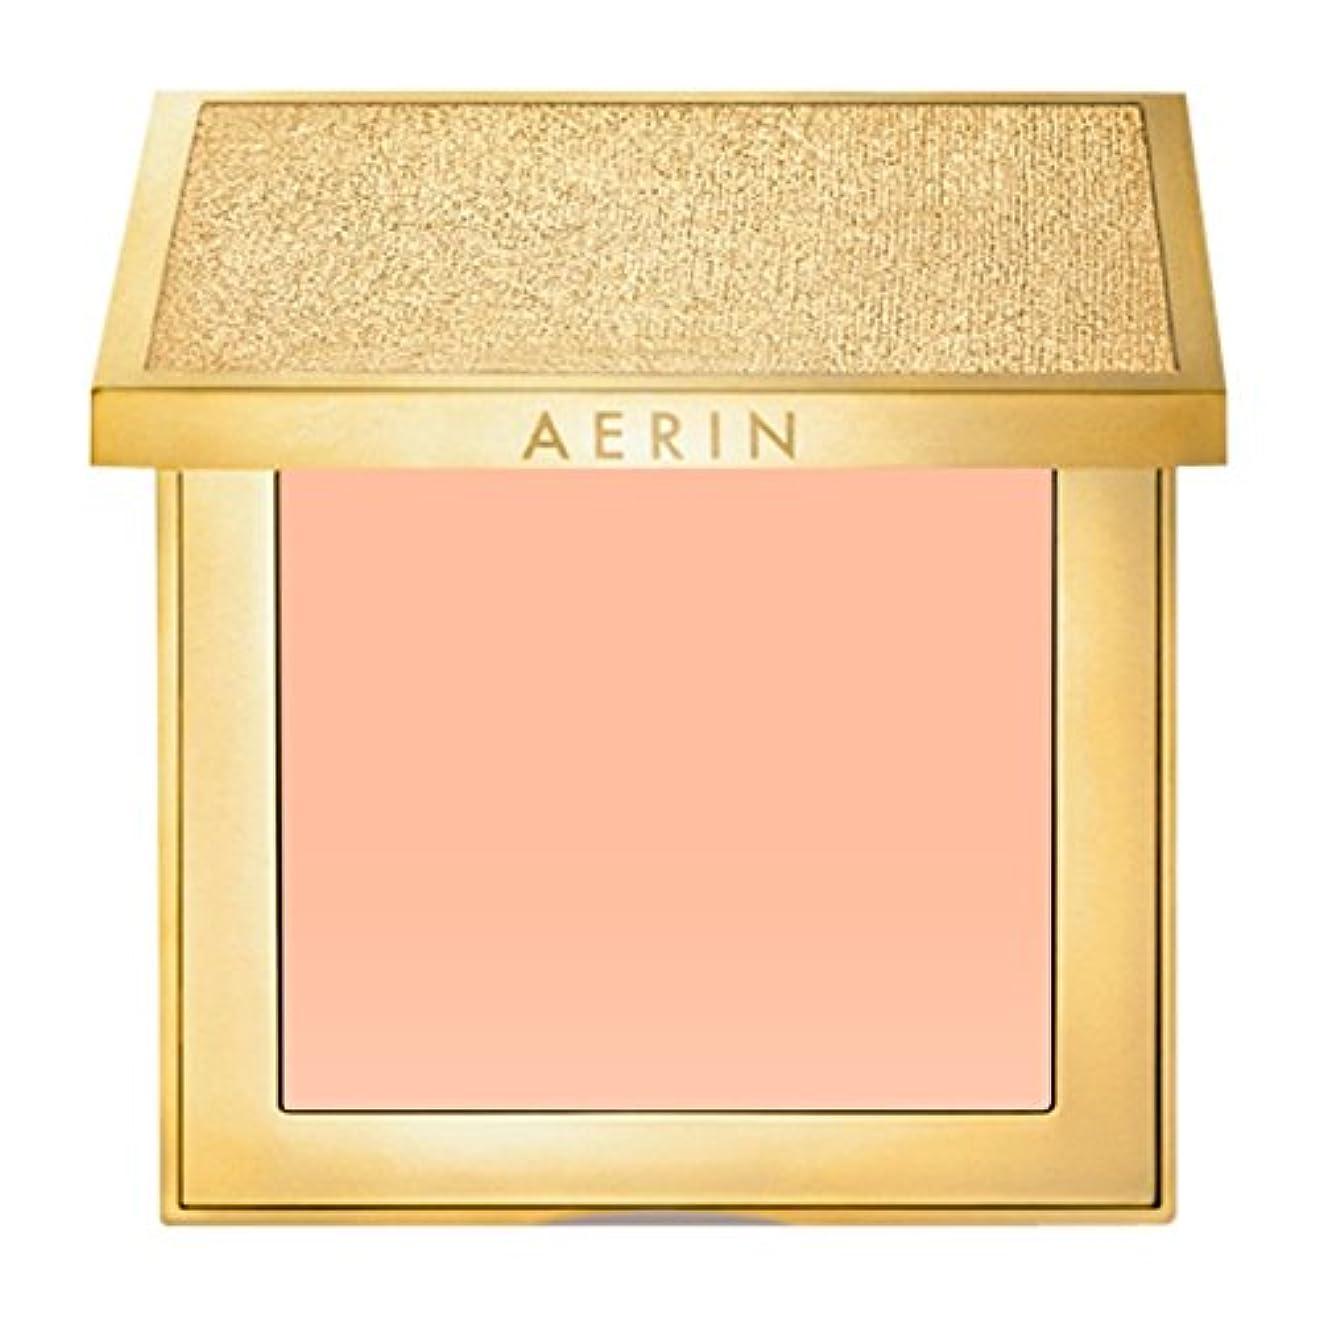 マットレスばかショップAerin新鮮な肌コンパクトメイクアップレベル3 (AERIN) (x6) - AERIN Fresh Skin Compact Makeup Level 3 (Pack of 6) [並行輸入品]